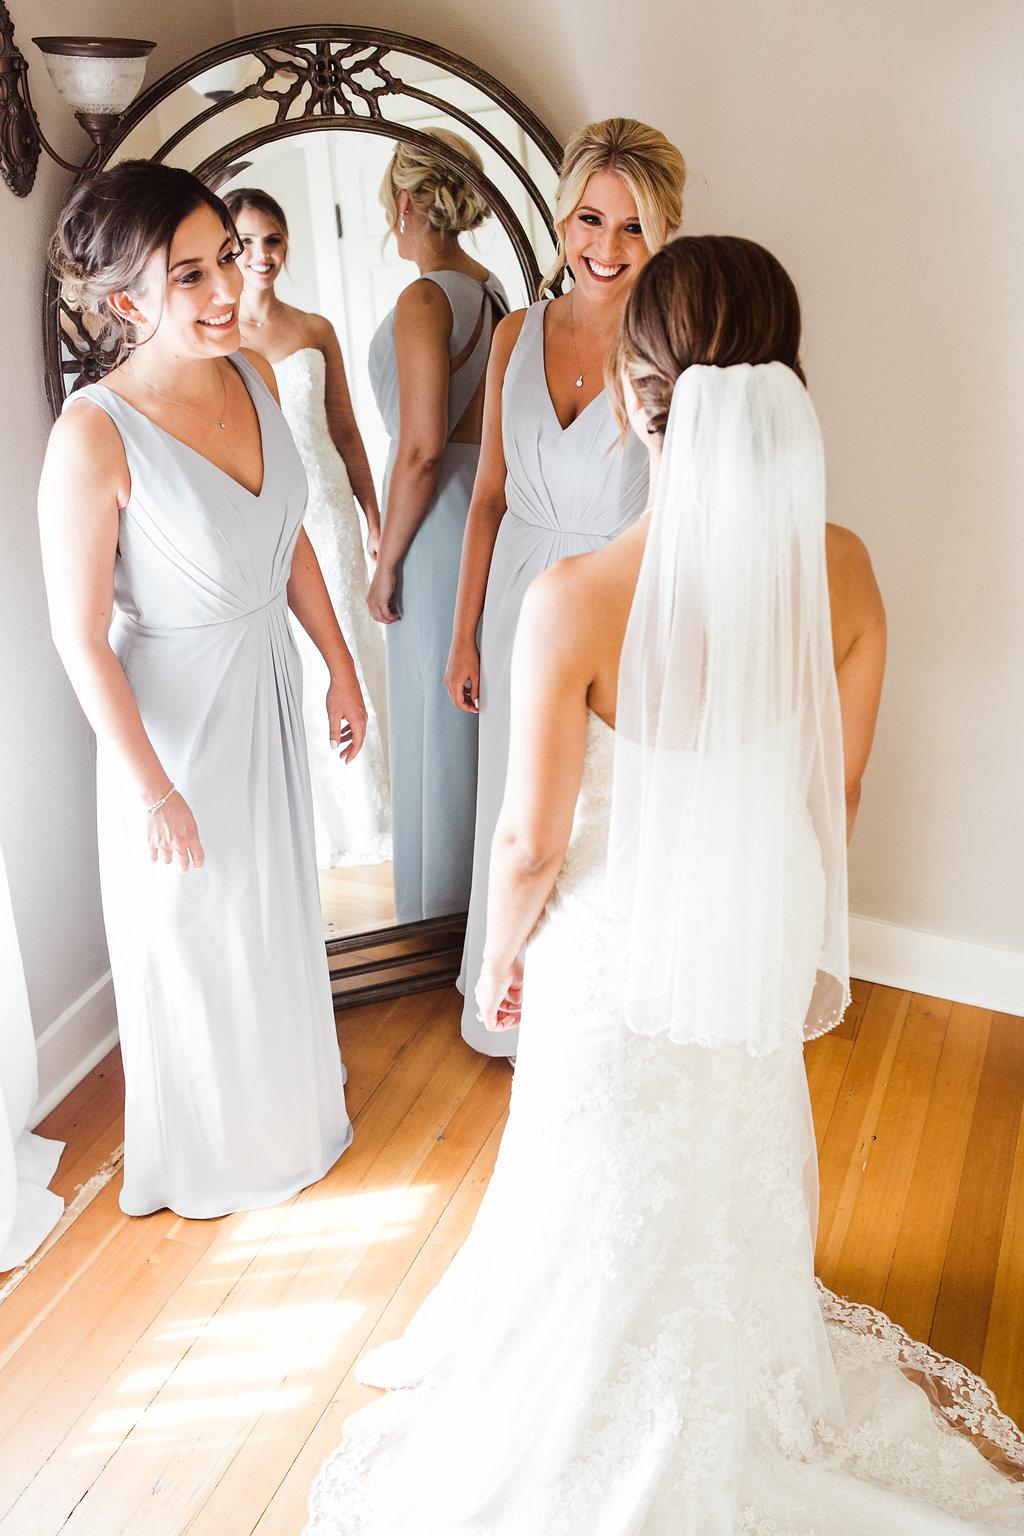 Erin+Tyson_The_Kelley_Farm_Wedding_by_Adina_Preston_Weddings_139.JPG